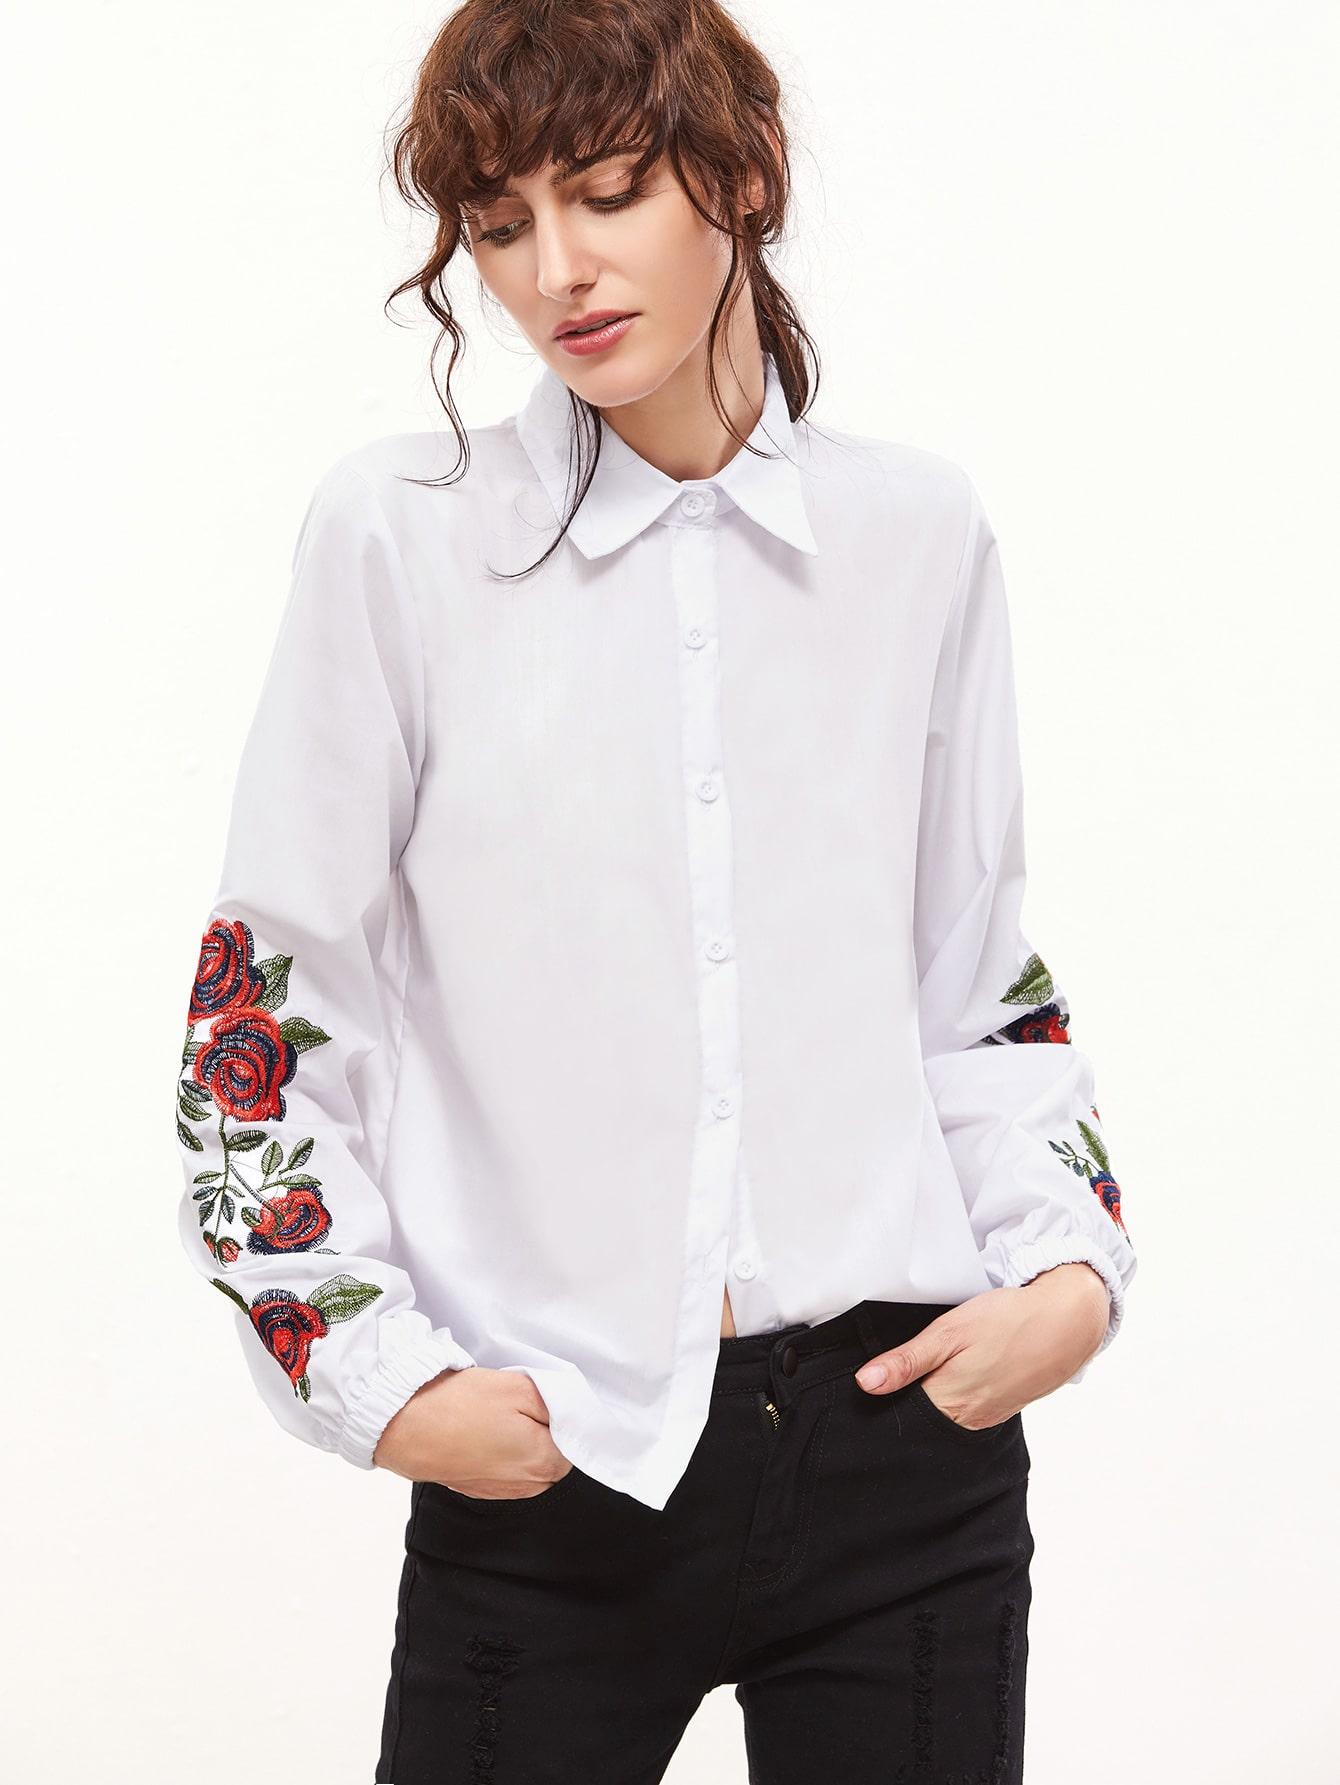 Белые рубашки женские с вышивкой фото